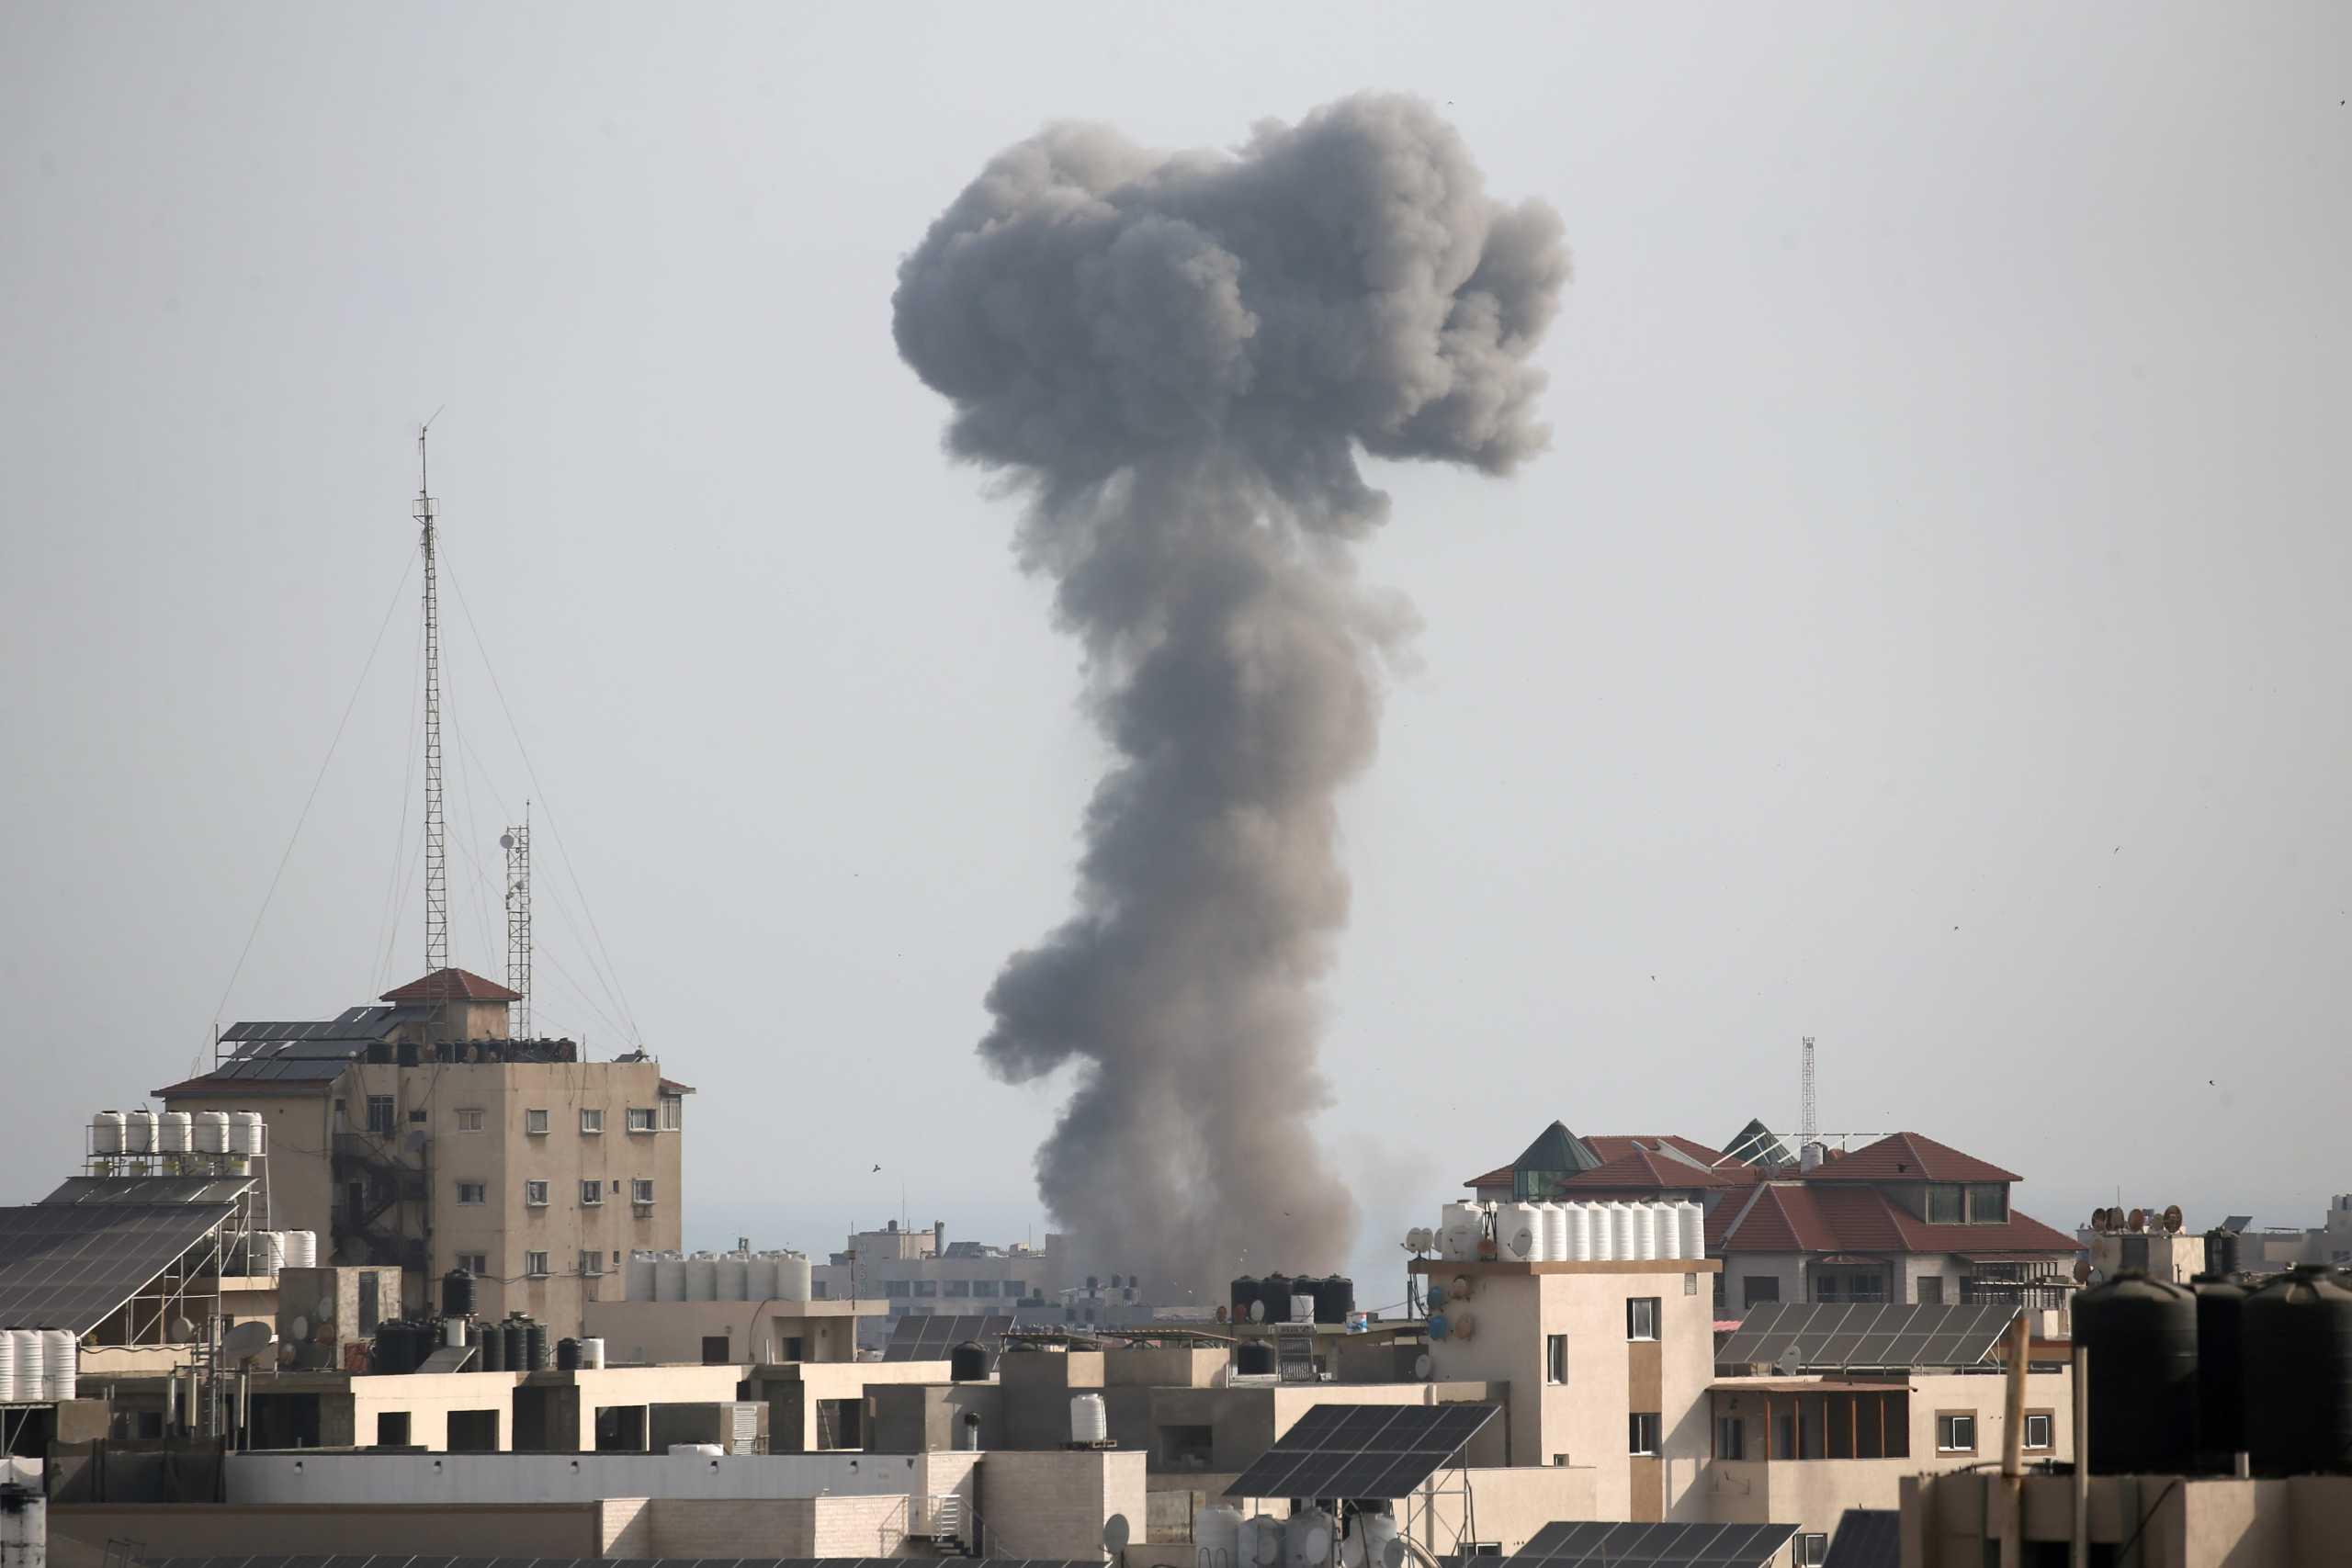 Λωρίδα της Γάζας: Νέοι Ισραηλινοί βομβαρδισμοί – Για καταστροφή τούνελ της Χαμάς κάνει λόγο ο στρατός